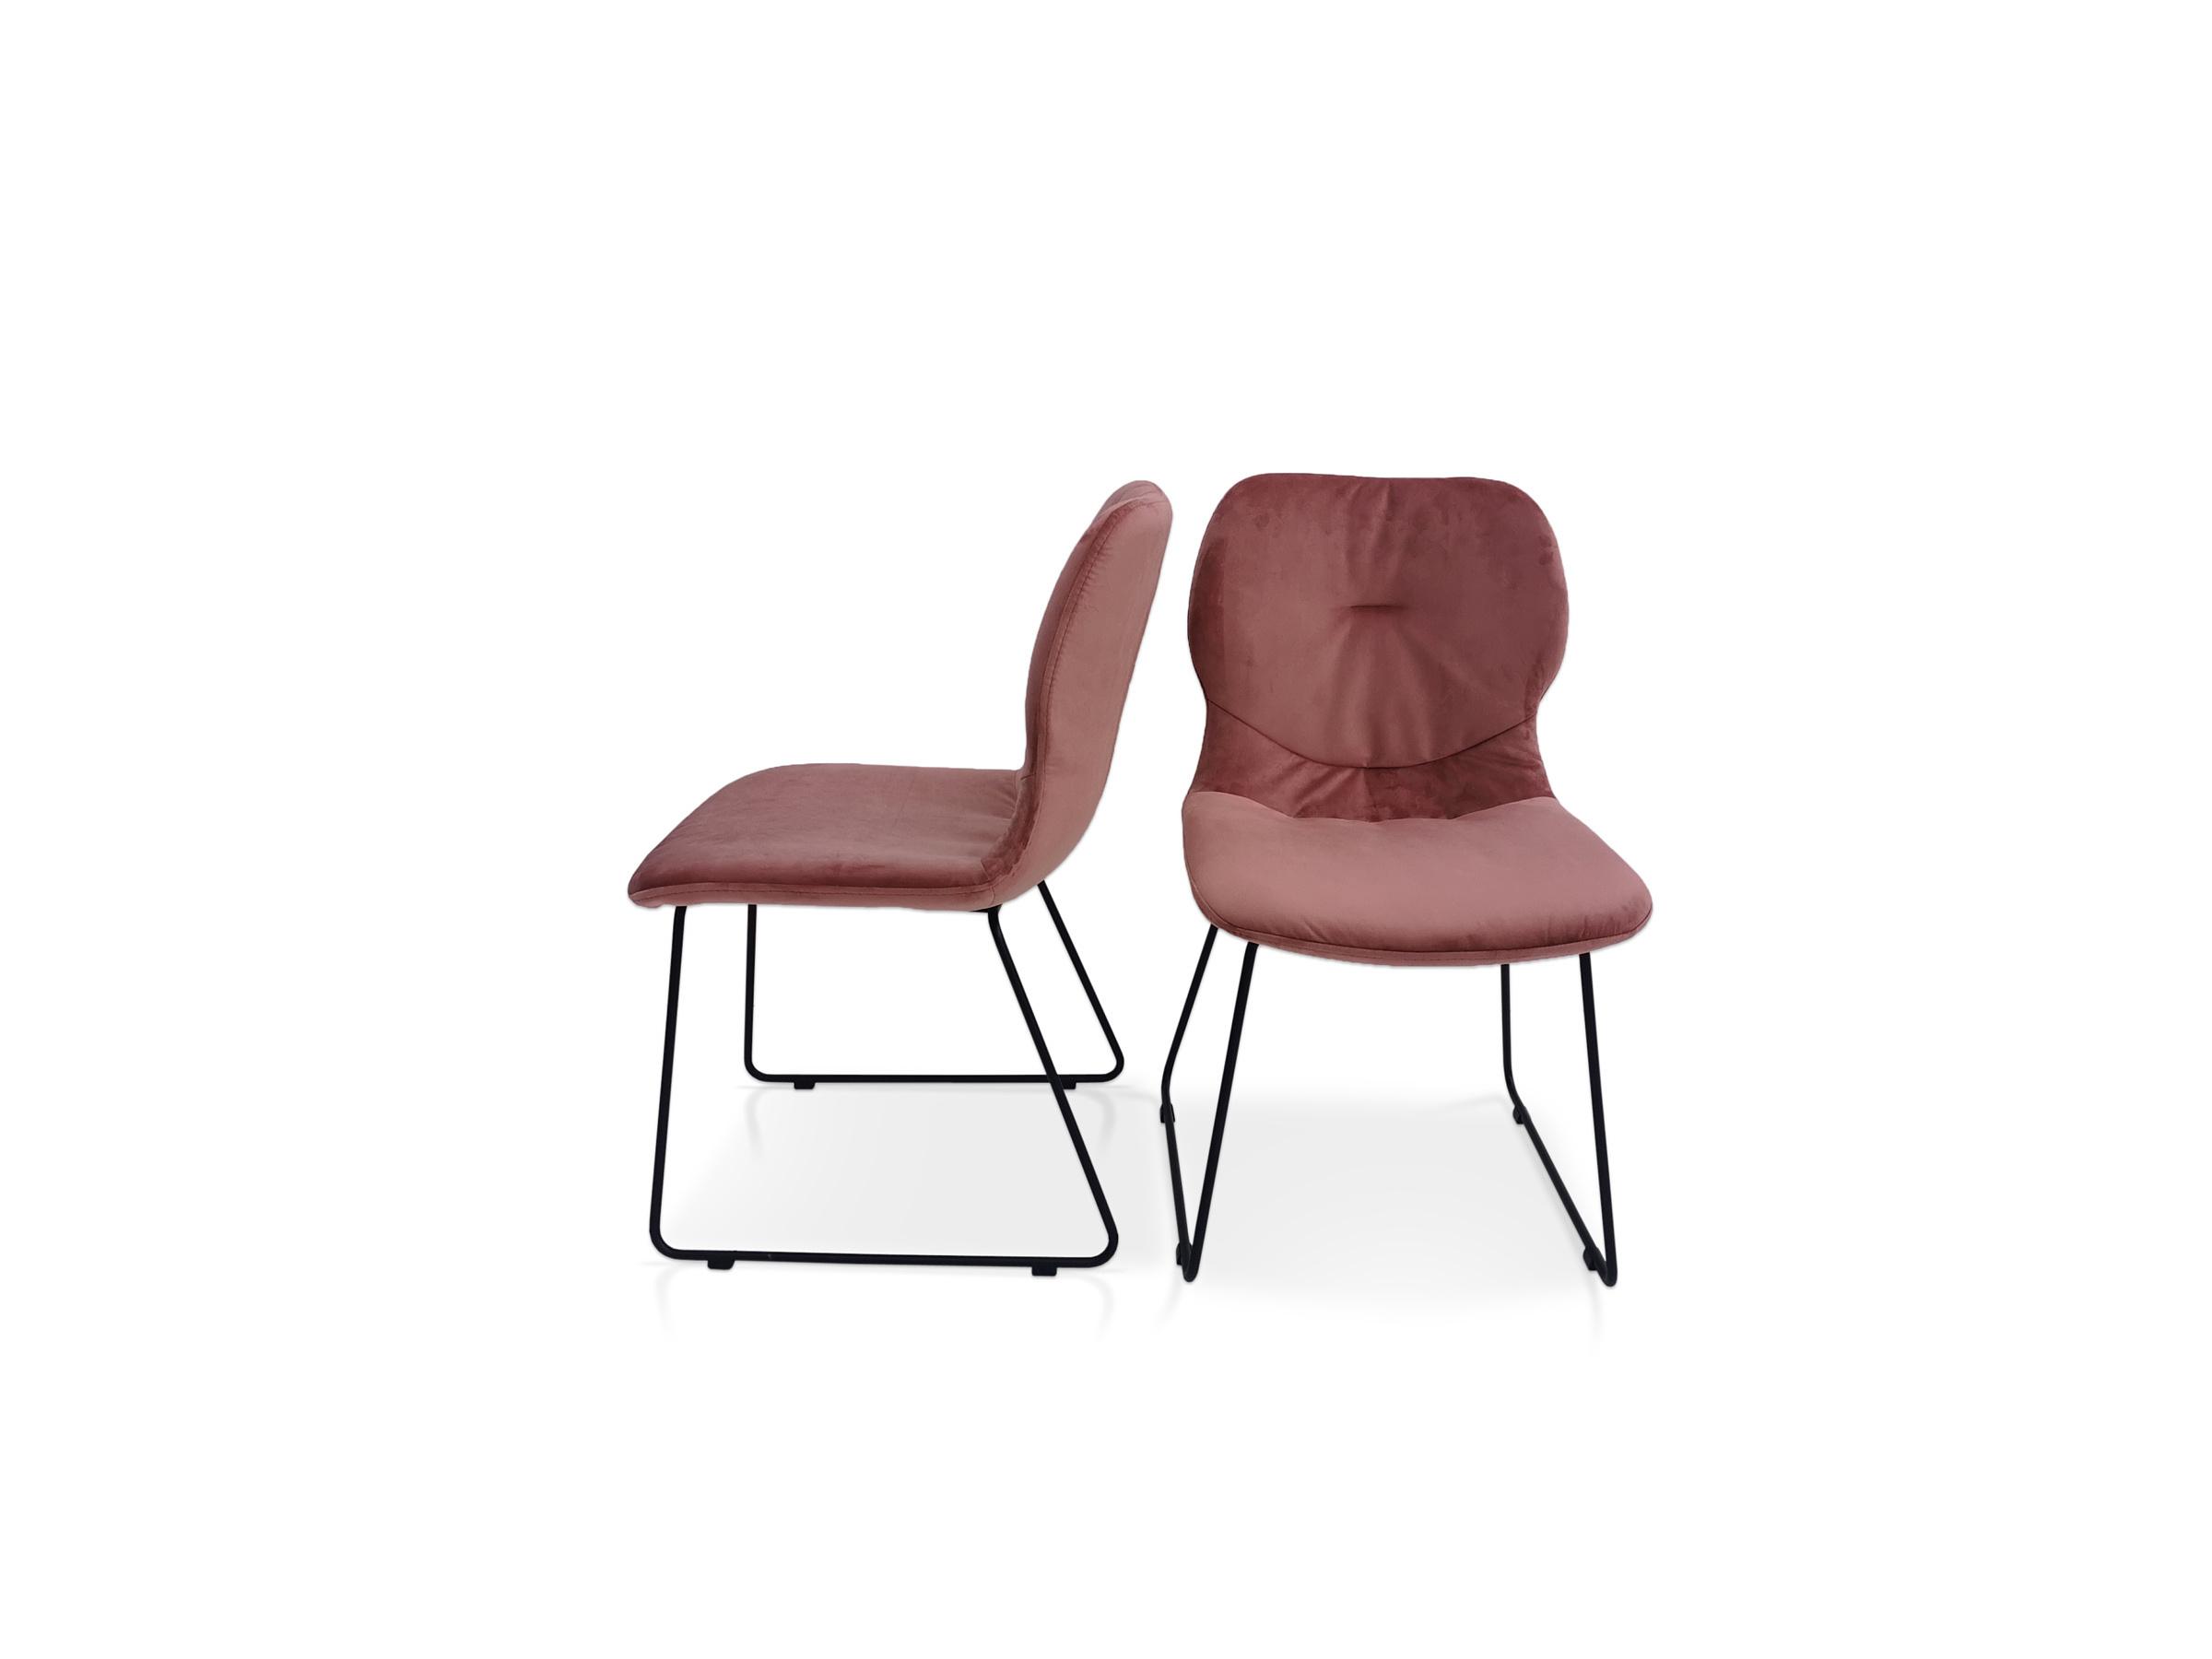 Krzesło metalowy stelaż i tkanina odporna na plamy